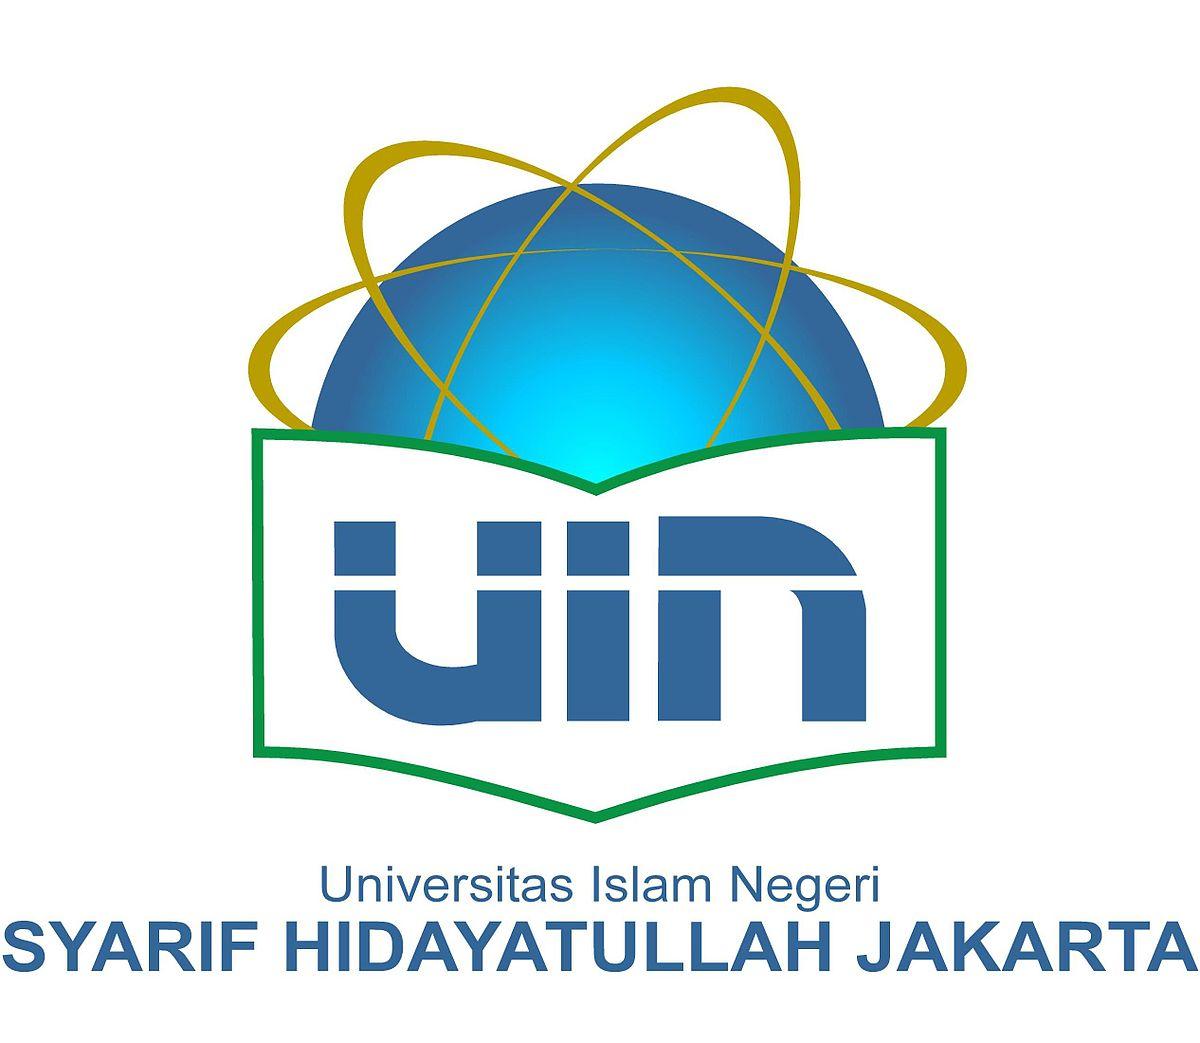 Logo Uin Syarif Hidayatullah Jakarta Wikipedia